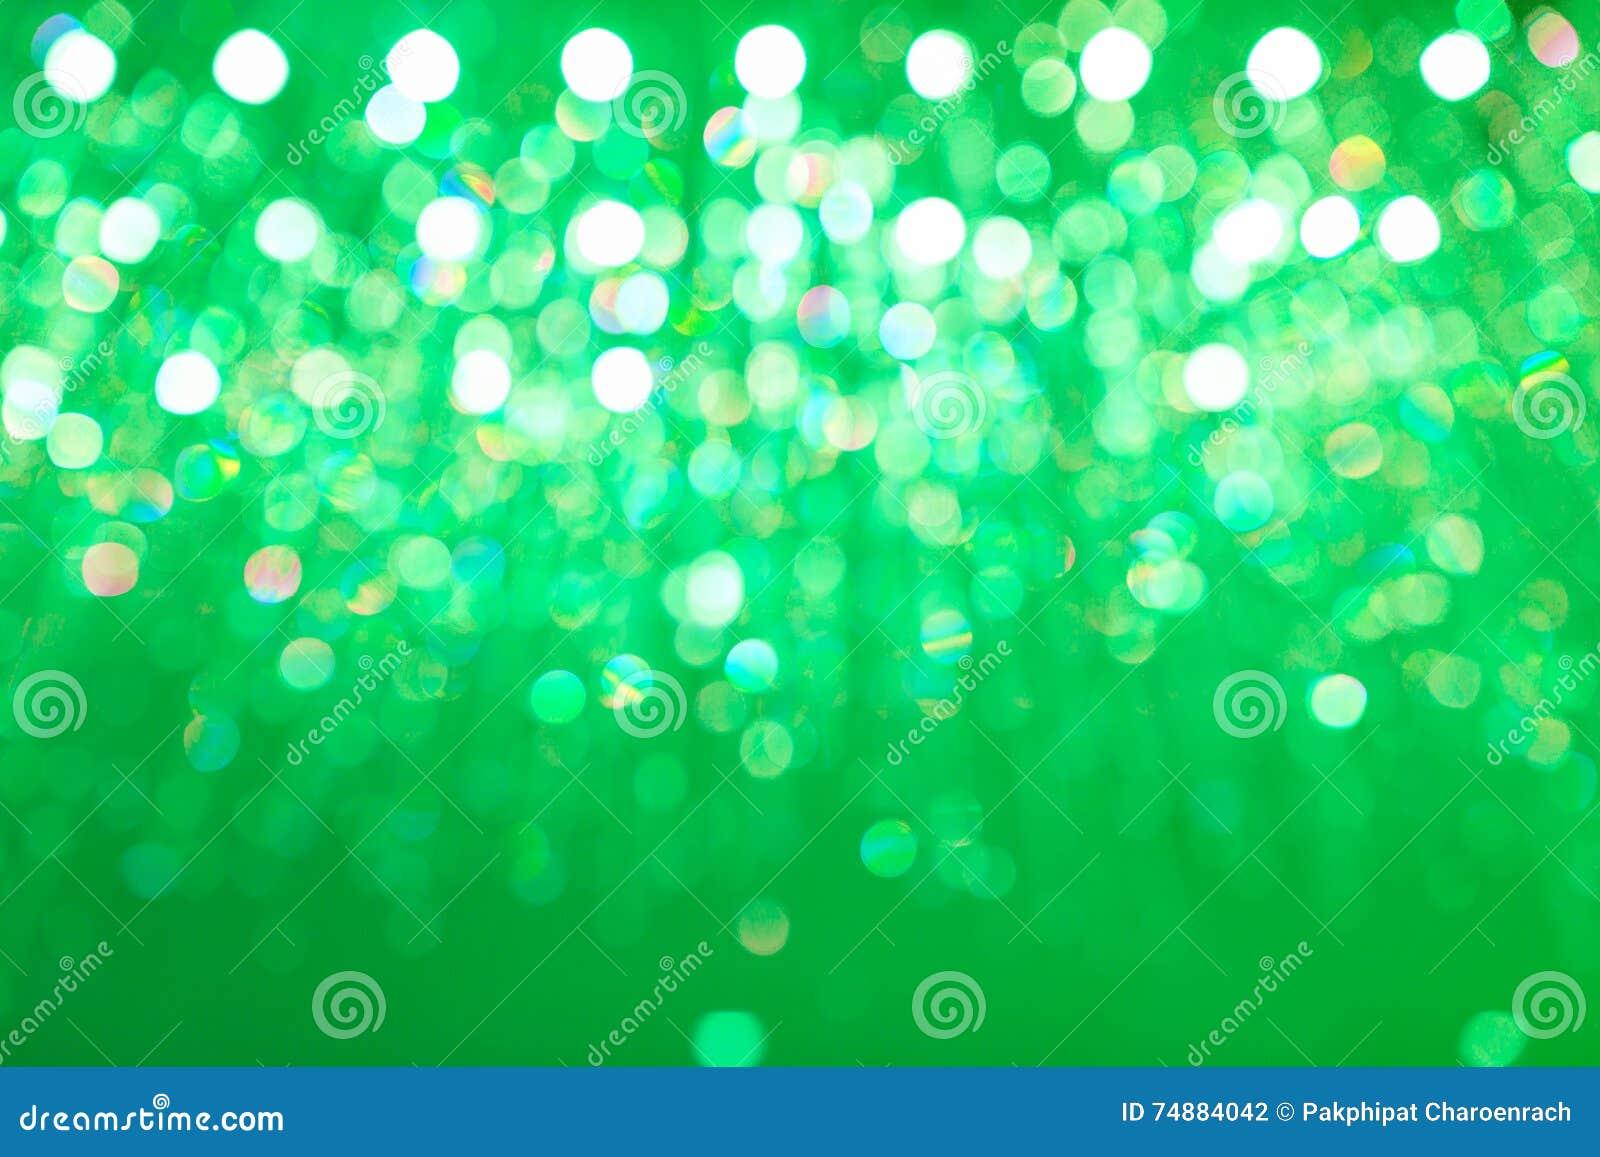 Fundo verde circular claro abstrato do bokeh